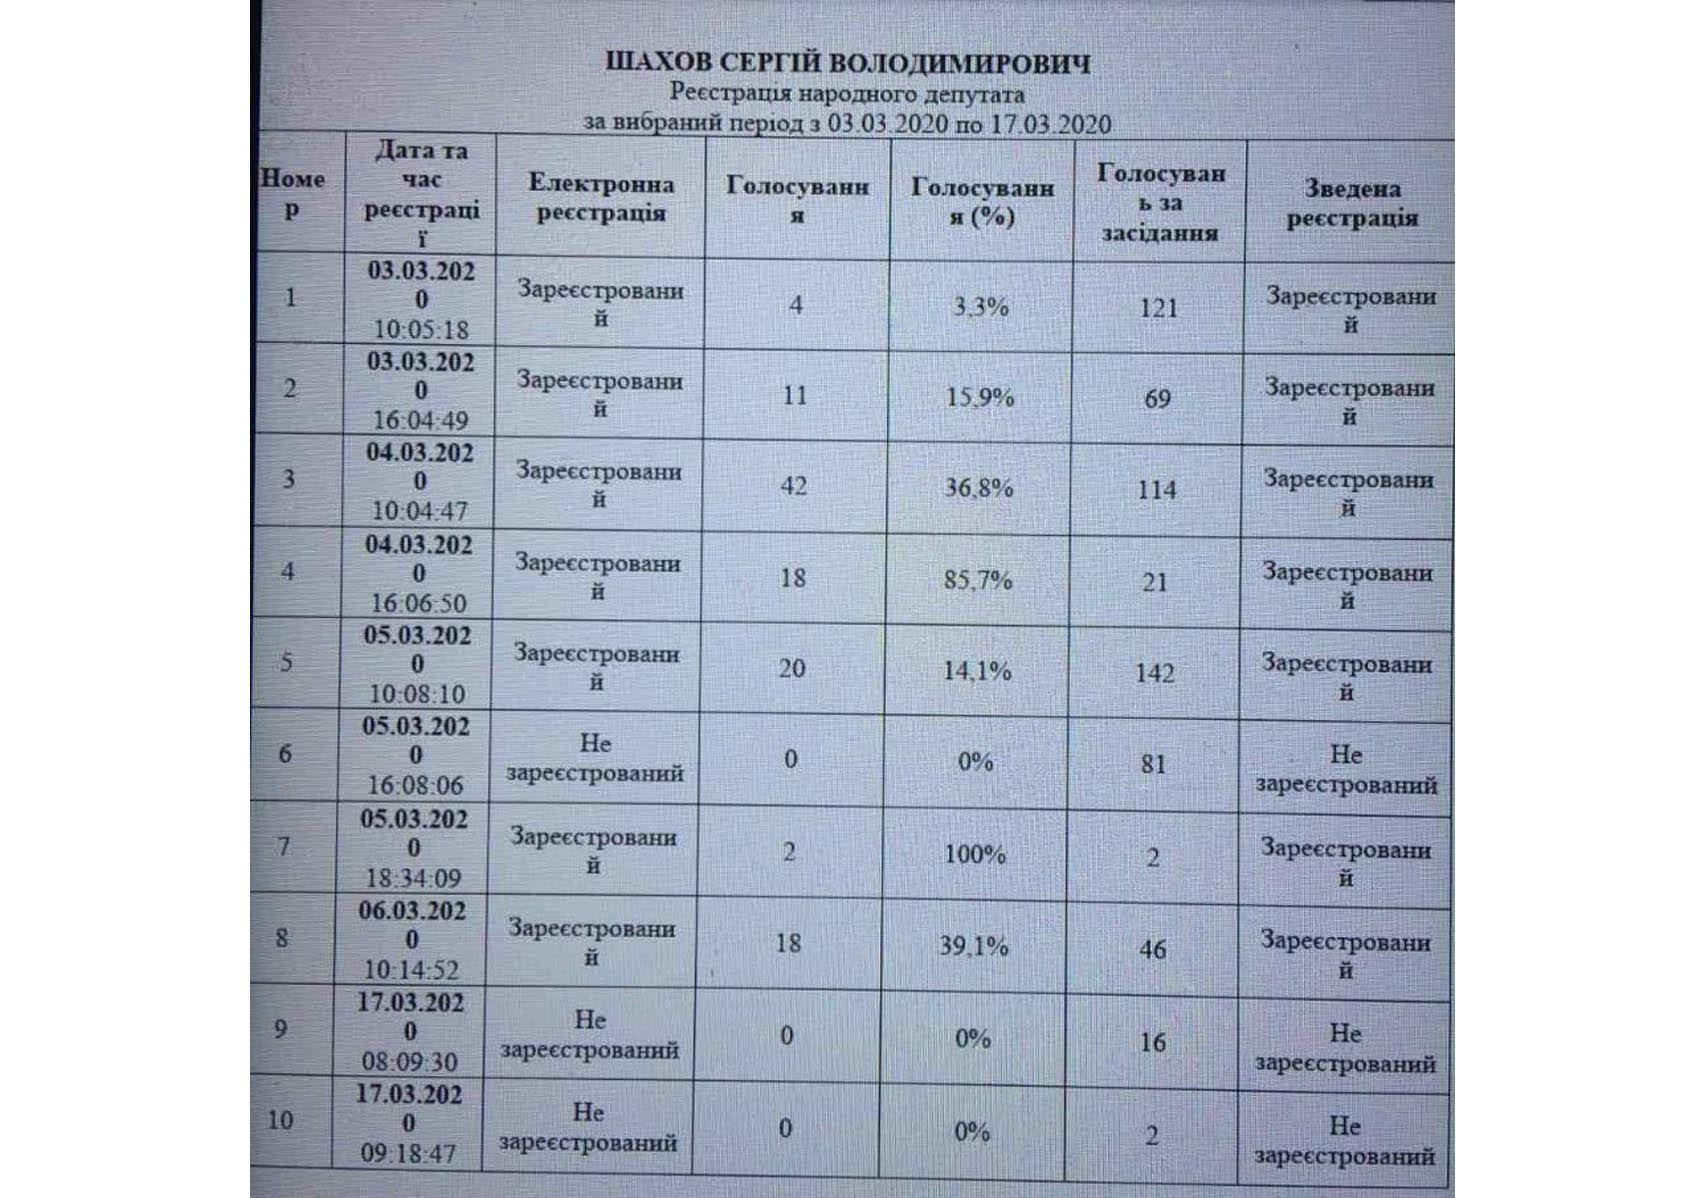 Сообщение о  голосованиях народного депутата Сергея Шахова во время пленарных заседаний